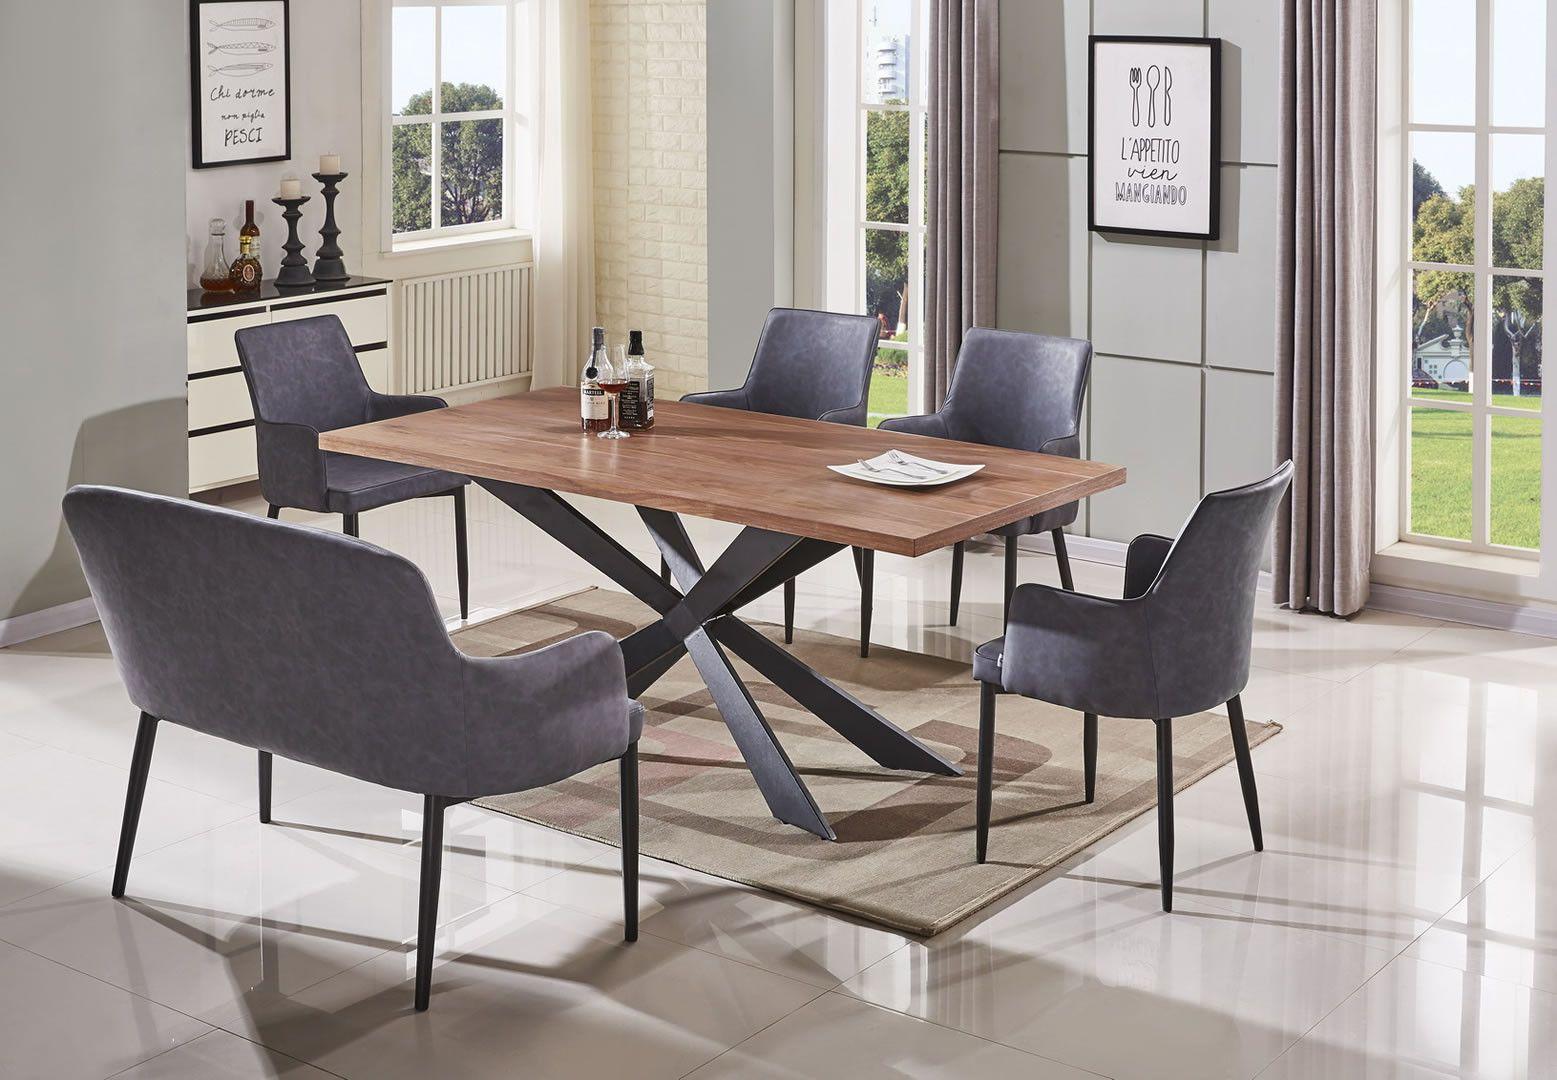 Salle manger table de salle manger style industriel loft 180 cm trocity - Table salle a manger style industriel ...